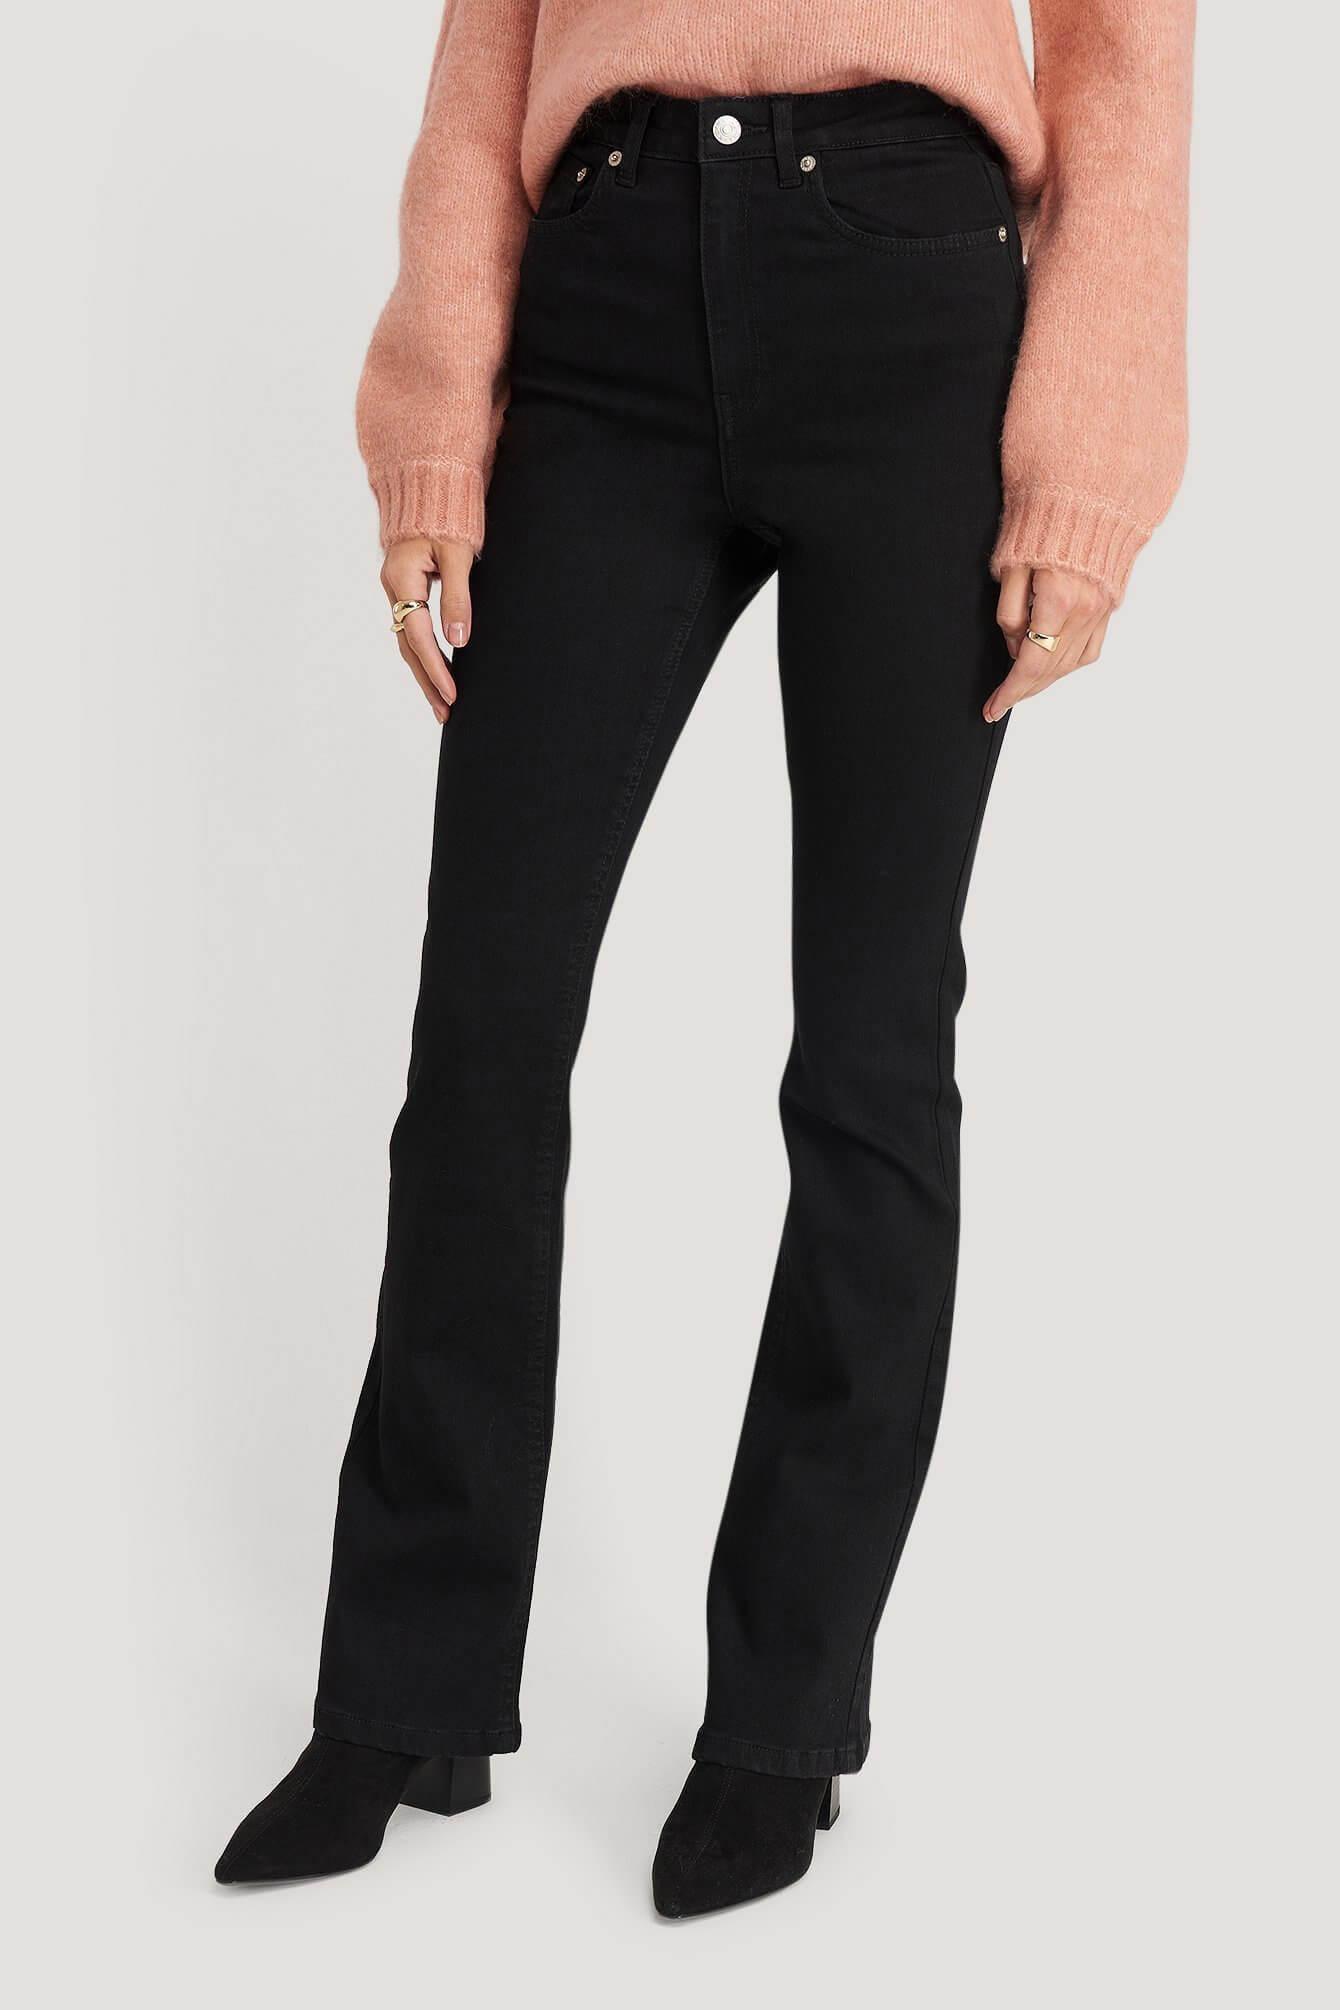 Högmidjade svarta jeans i bootcut-modell från NA-KD.